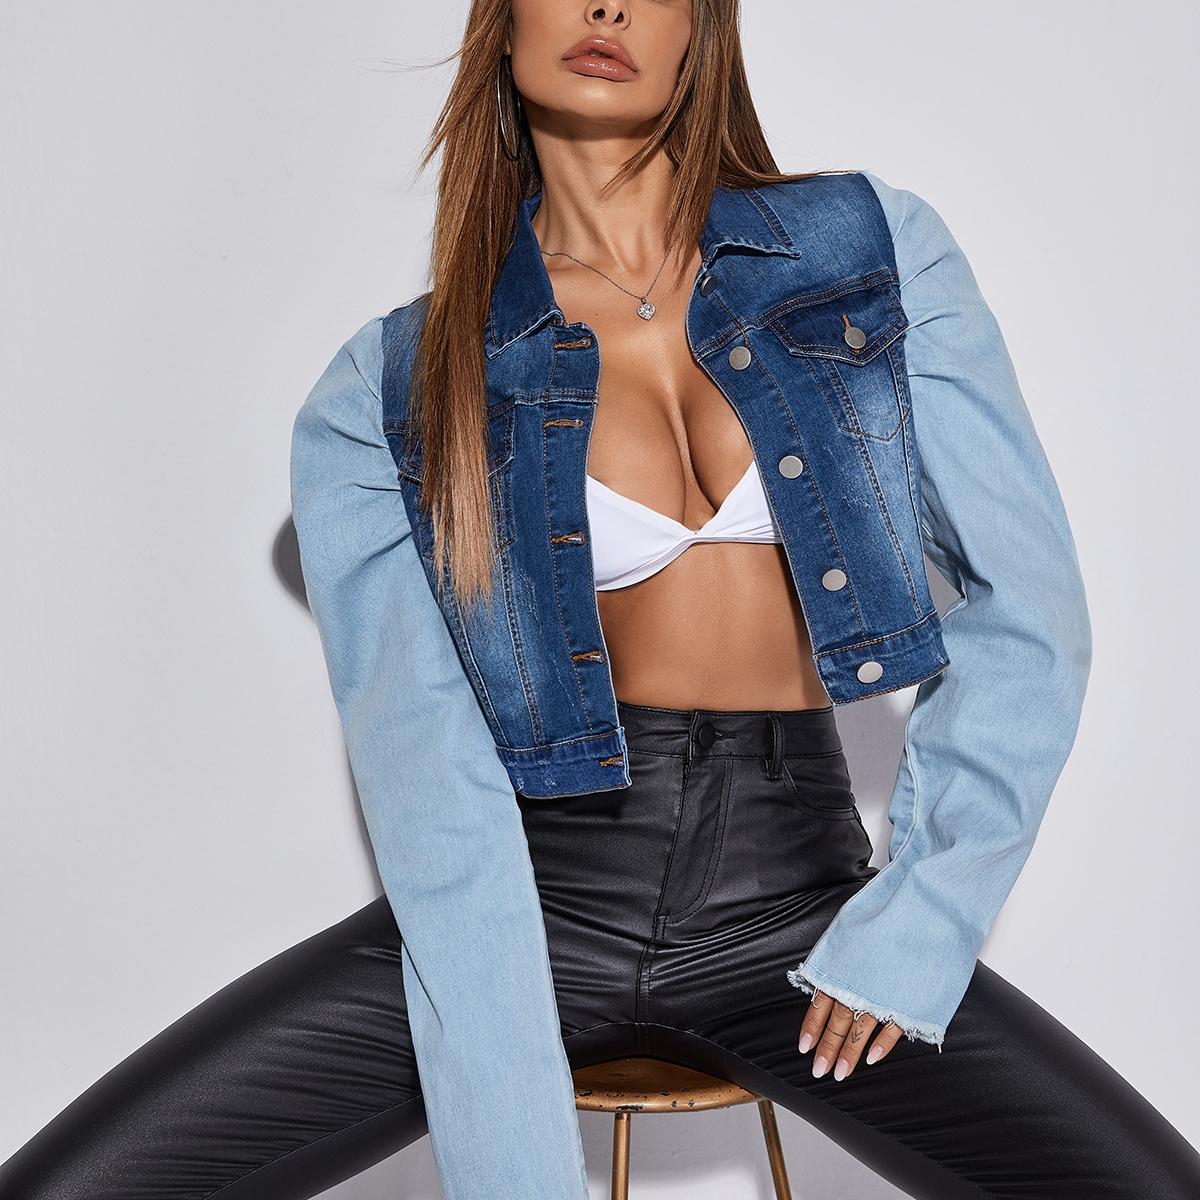 Укороченная джинсовая куртка с объемными рукавами и карманами с клапанами